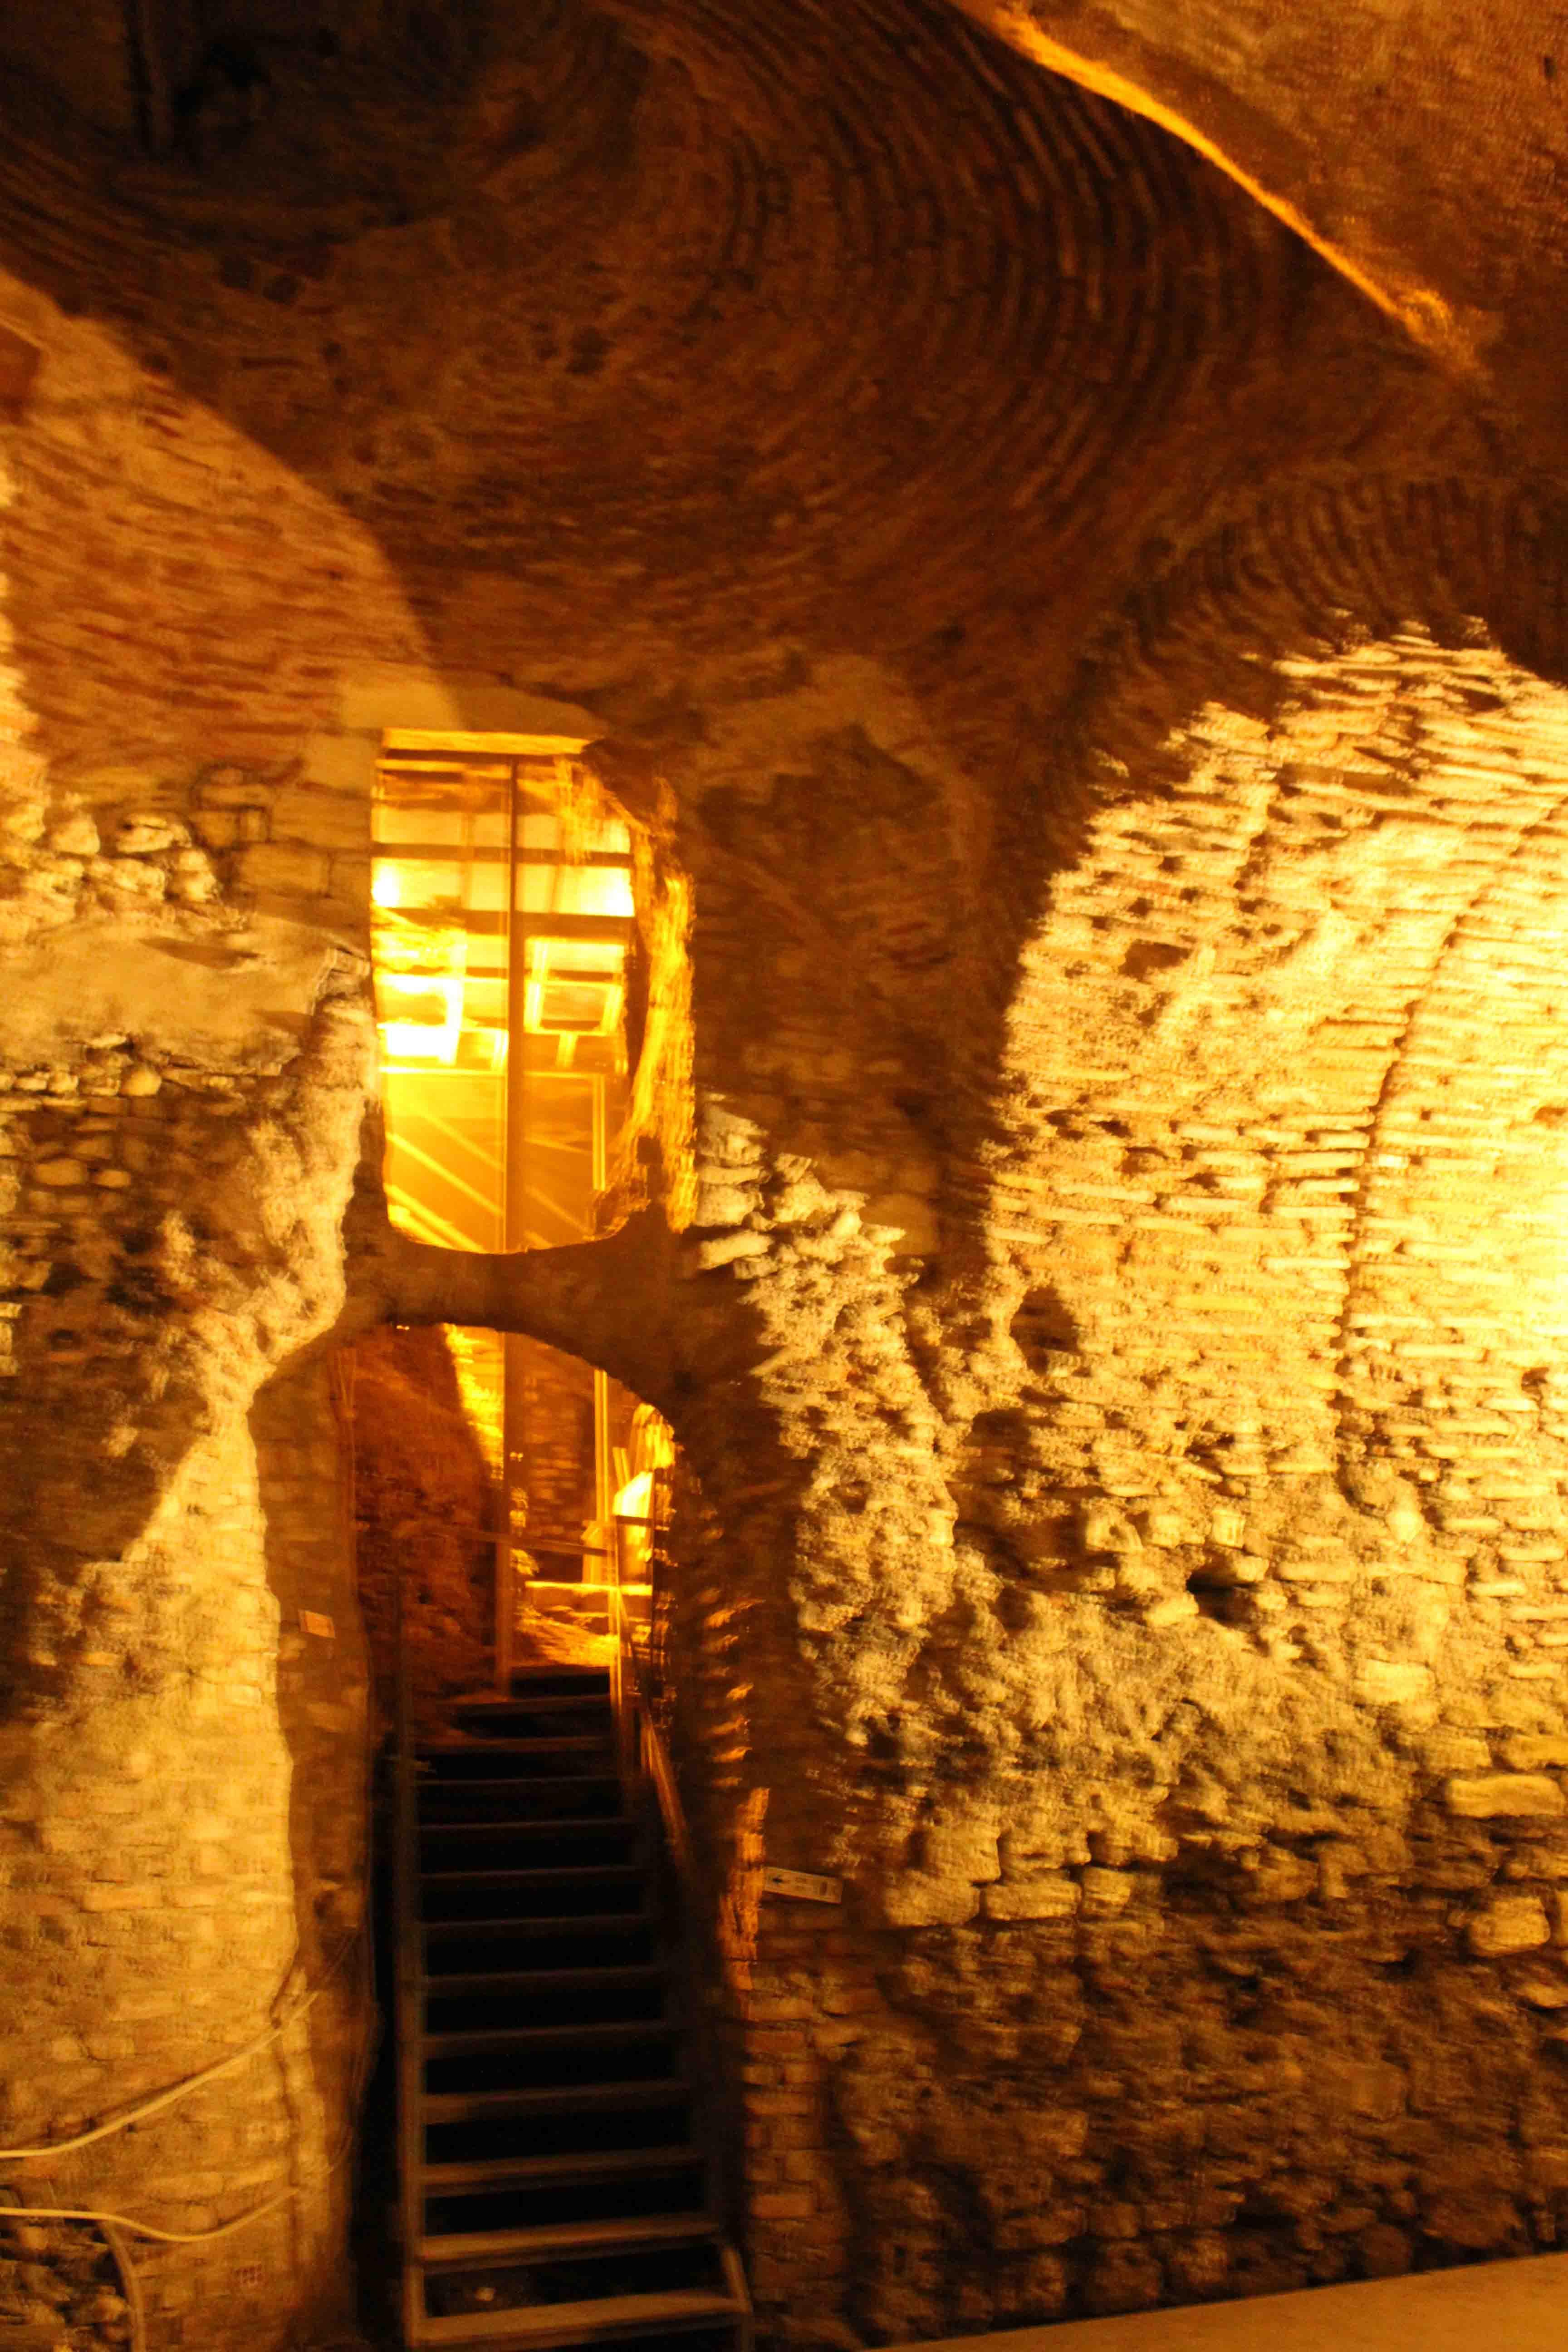 https://www.alburakathisma.com/images/galeri/orjinal/albura-Cistern-88.jpg